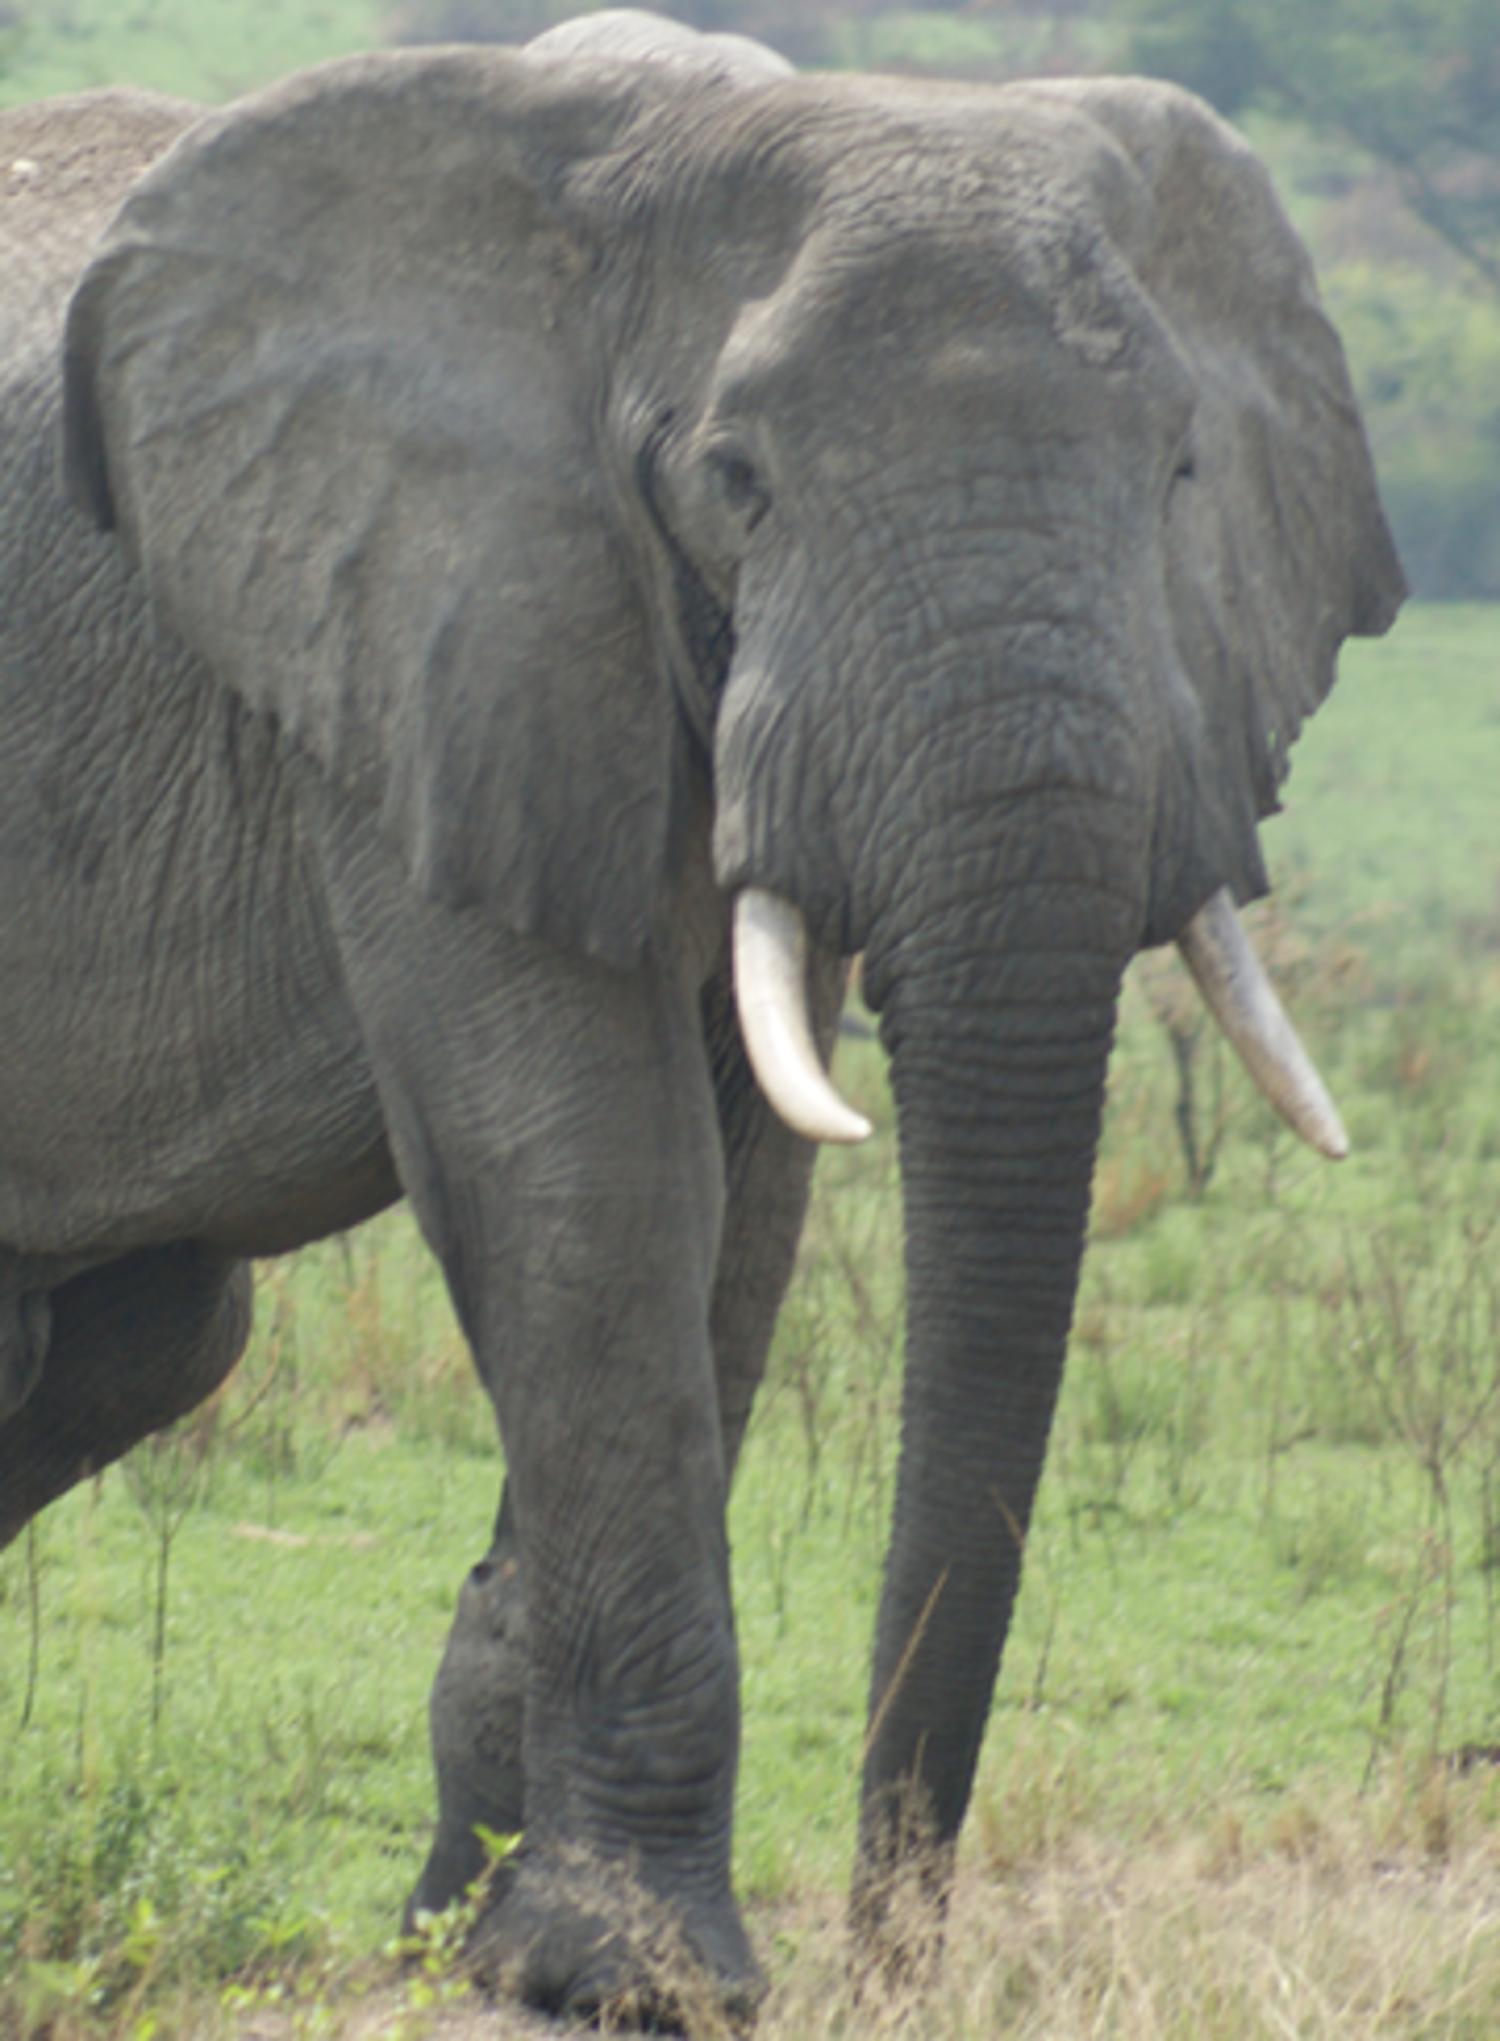 elephant-poaching-tusks-nuvory-nut-ivory-madeinitaly-goldsmith-fashion-art-luxury-brands